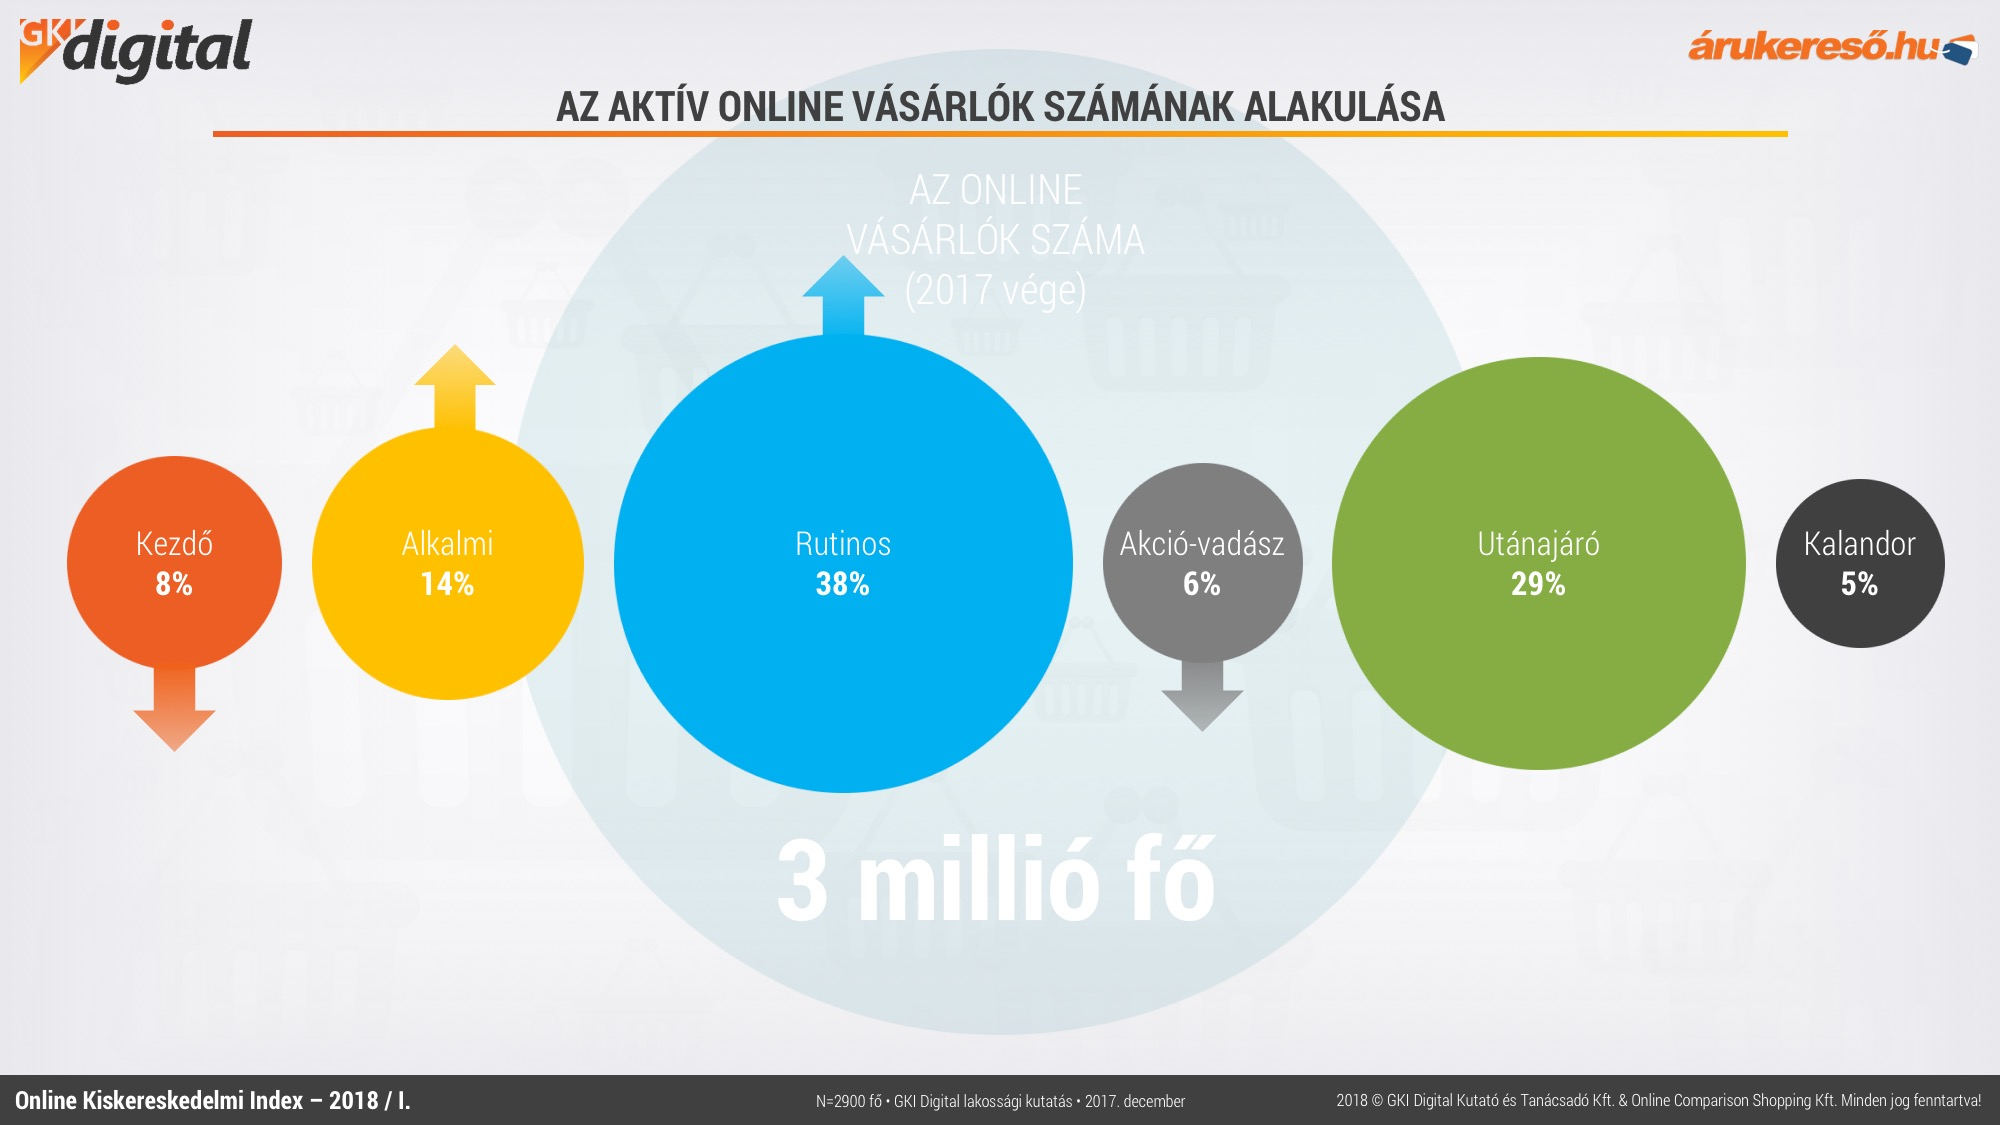 """3a9c971e34 Ha 10 ezer webáruházzal számolunk, akkor is egy webáruházra átlagosan 300 """" vásárló"""" jut."""